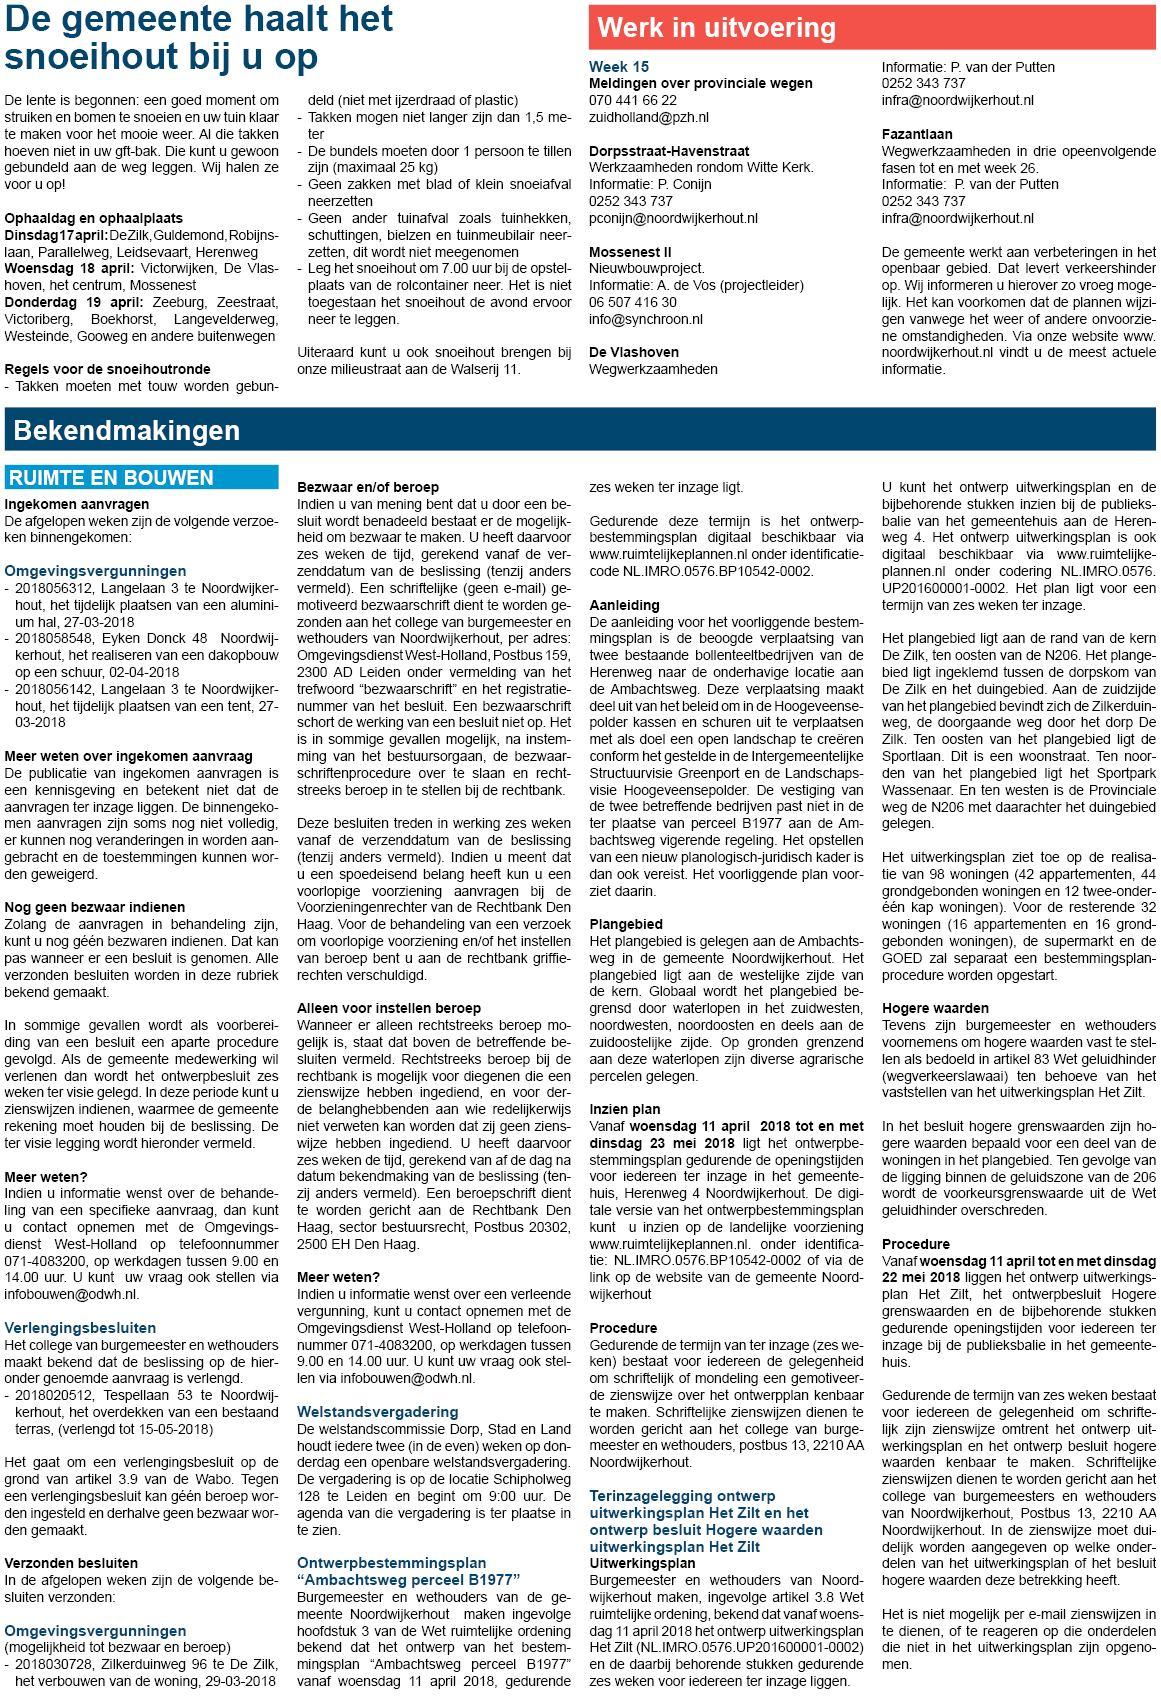 Onderzoek papier onderwerpen over online dating